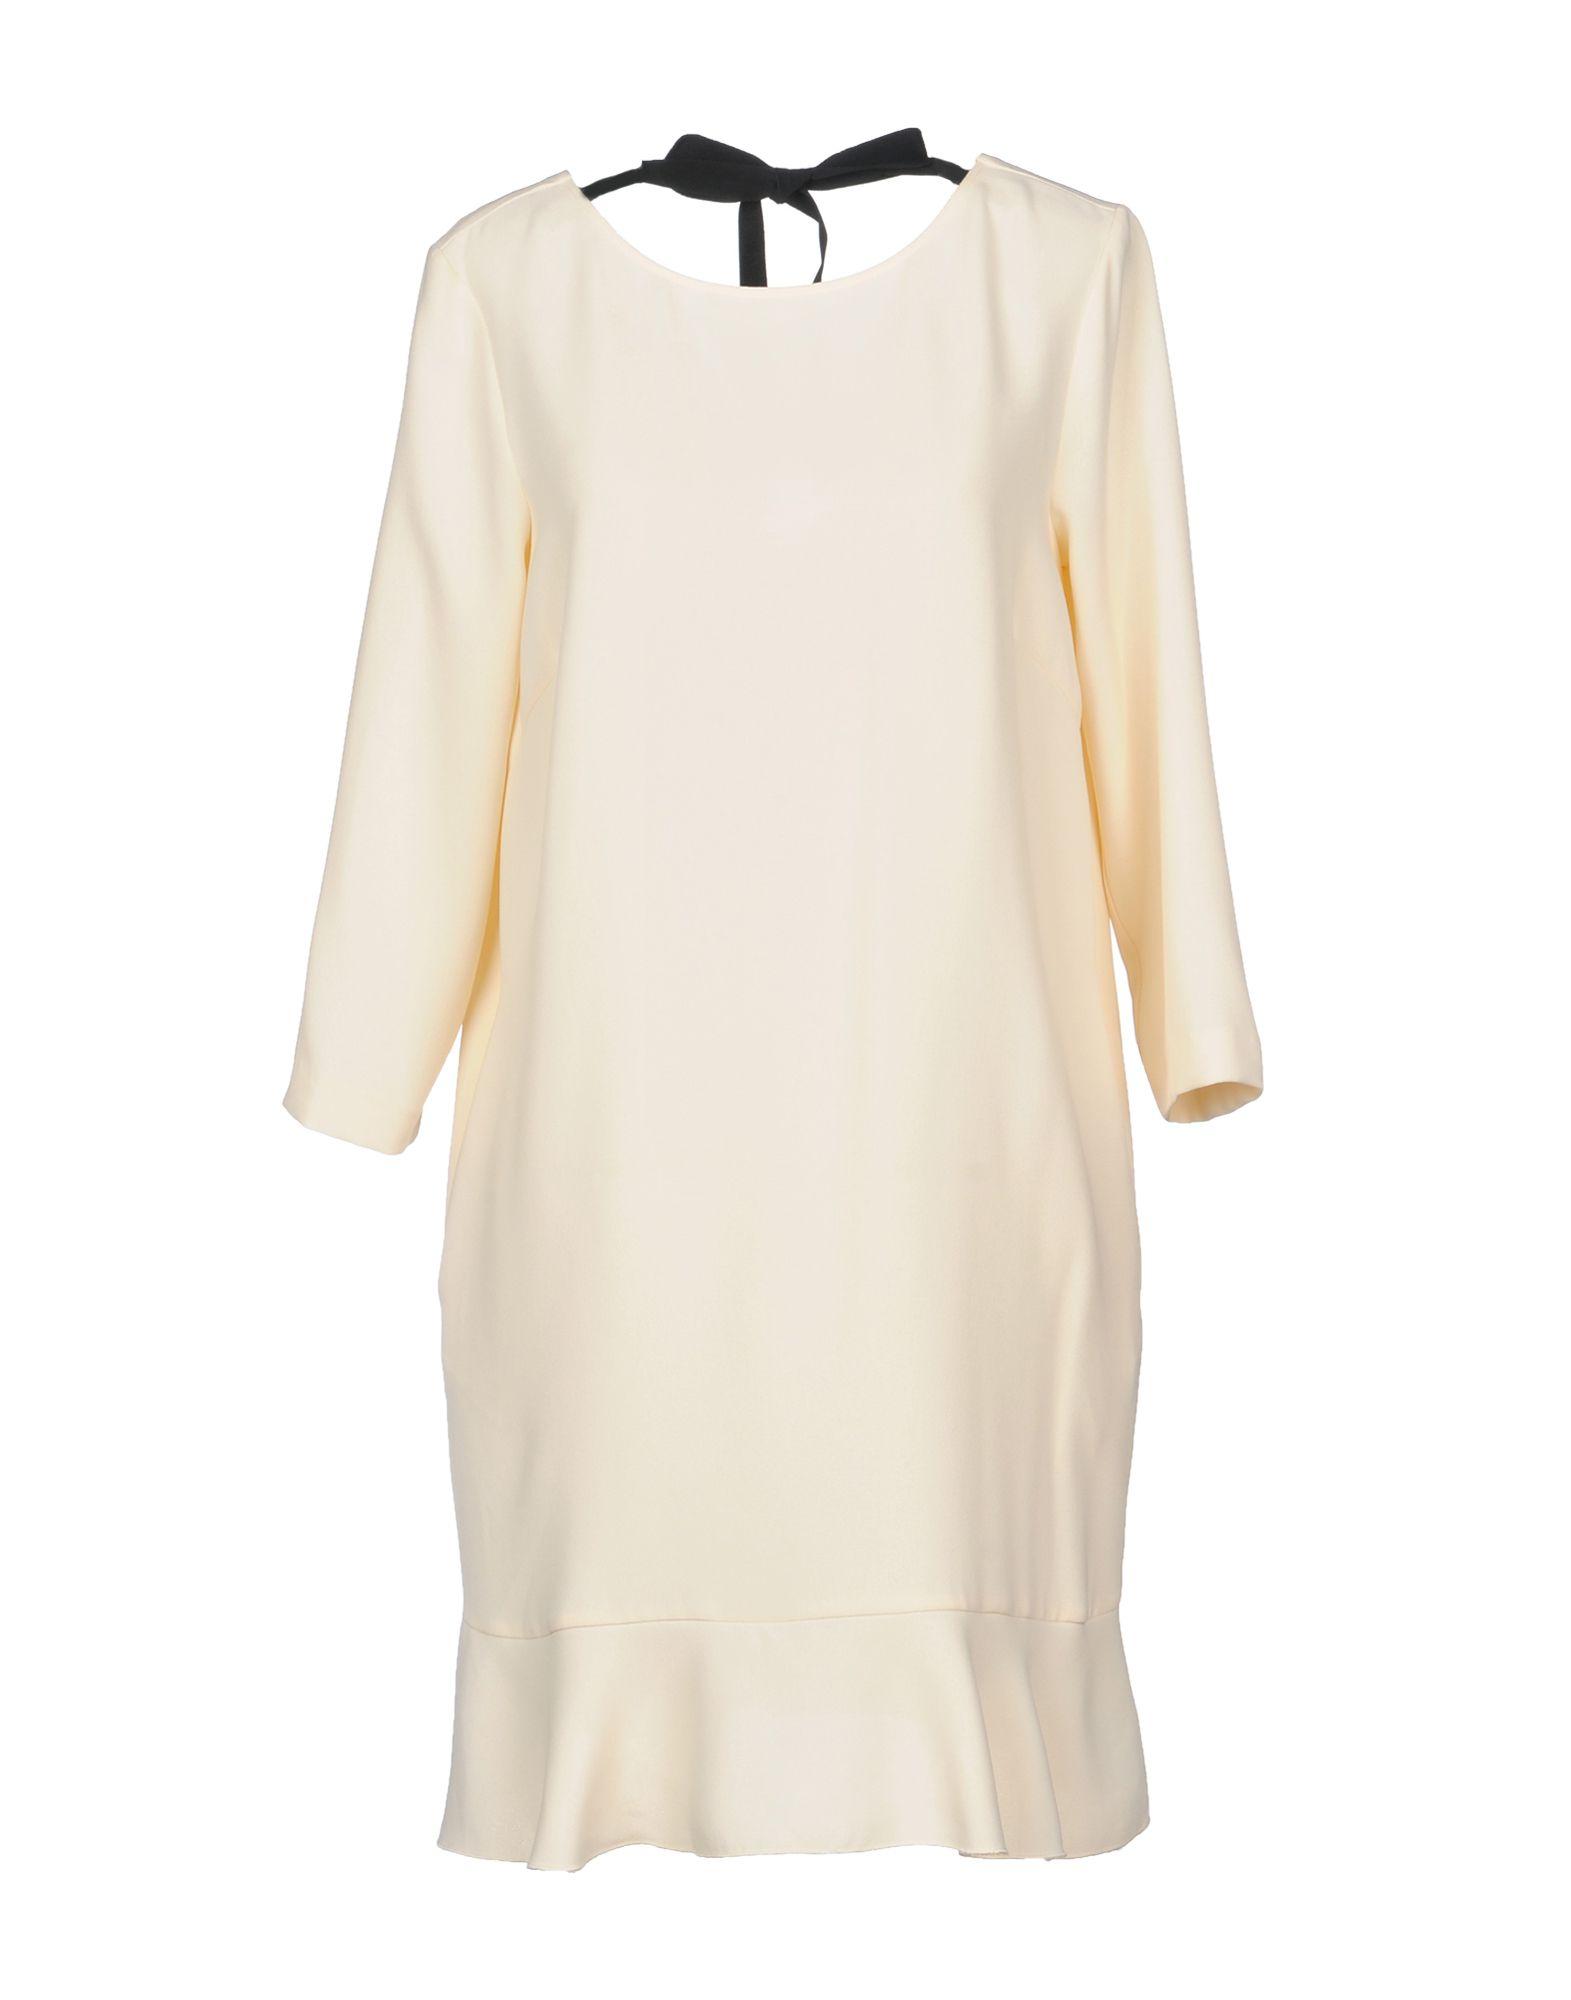 JUCCA Short Dress in Beige